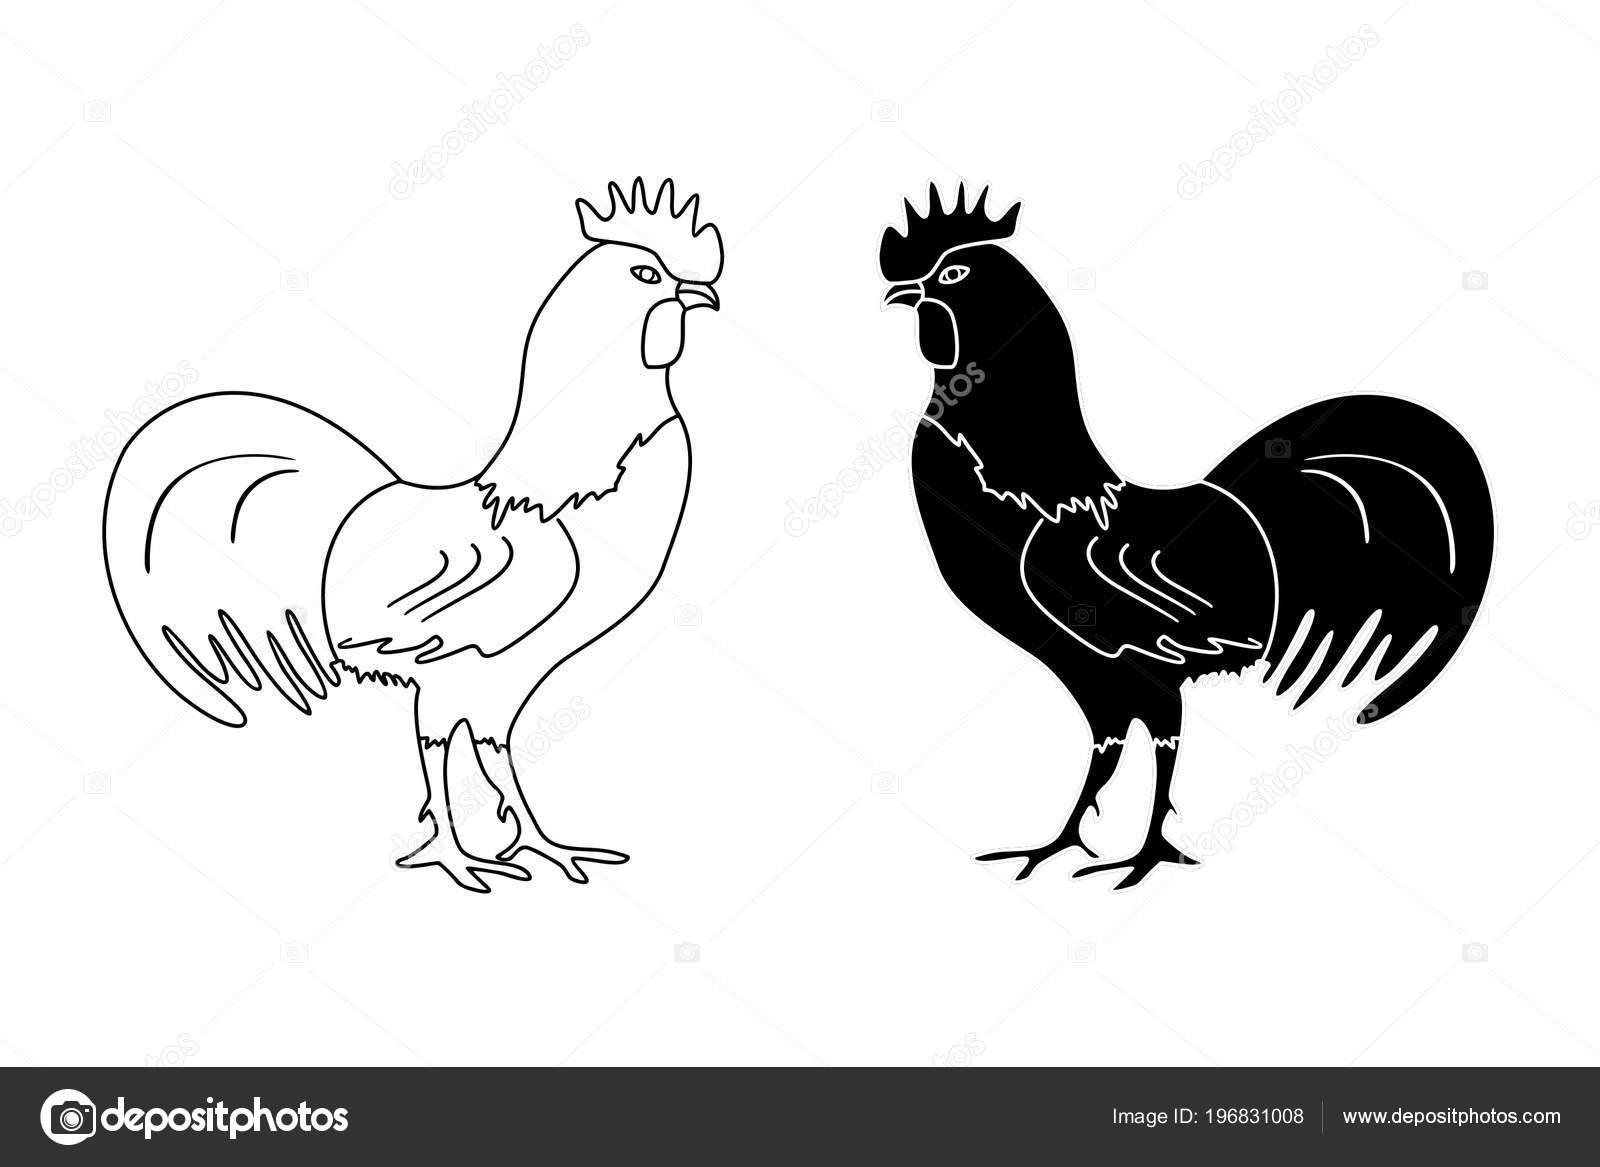 0ab5e65d63d19 Contorno Blanco Negro Dibujo Gallo Sobre Fondo Blanco Ilustración Vectorial  — Archivo Imágenes Vectoriales